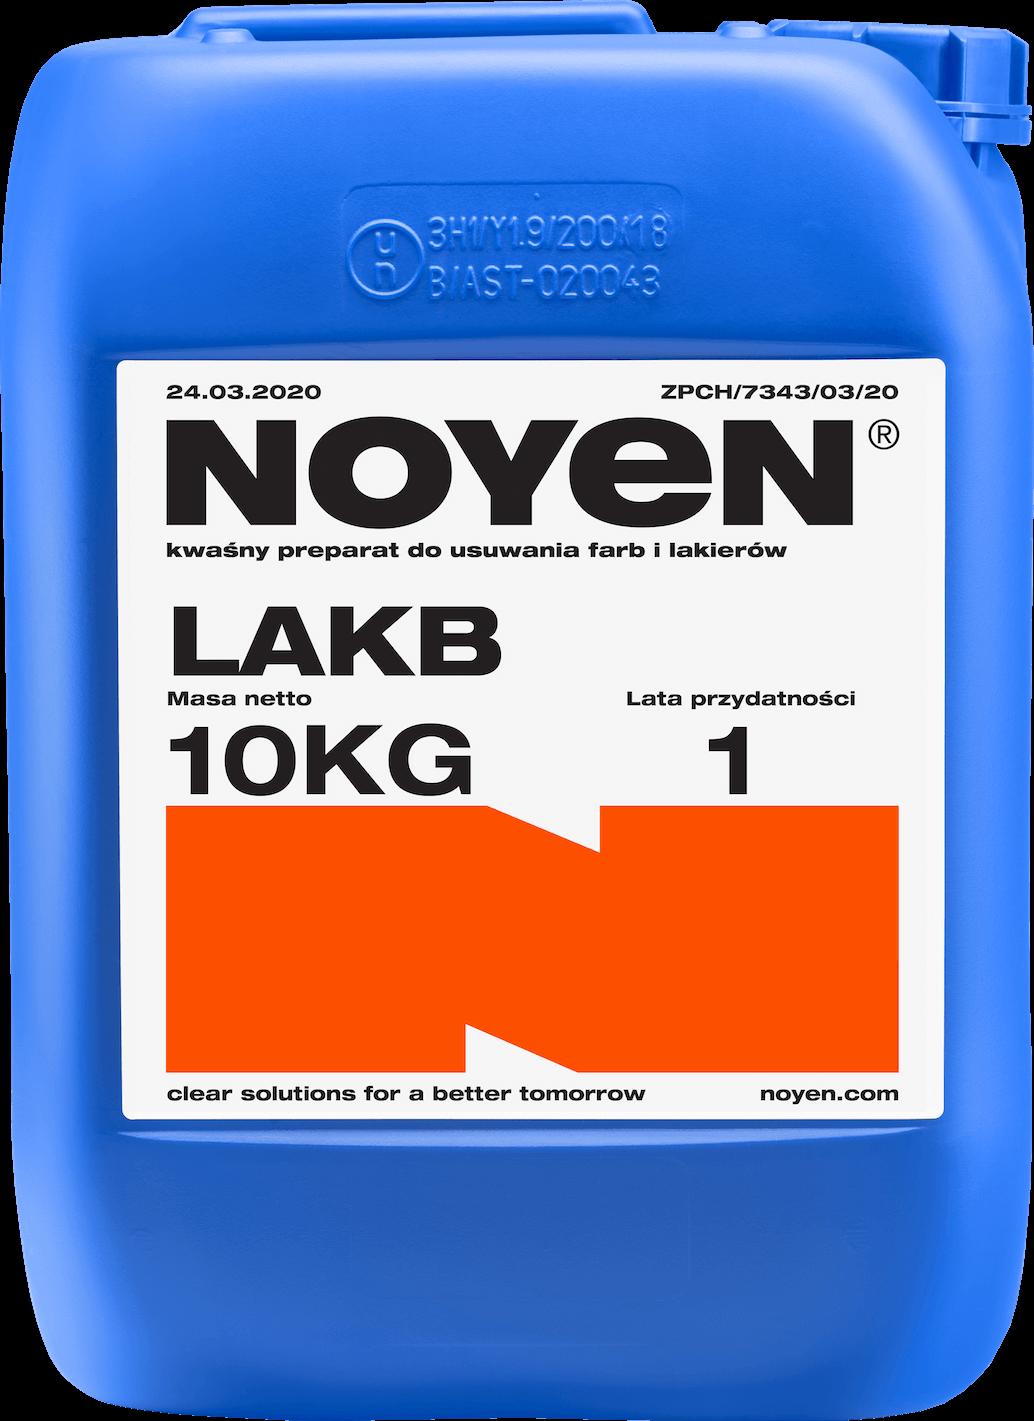 LAKB NOYEN 10 KG kwaśny preparat do usuwania farb i lakierów w niebieskim kanistrze